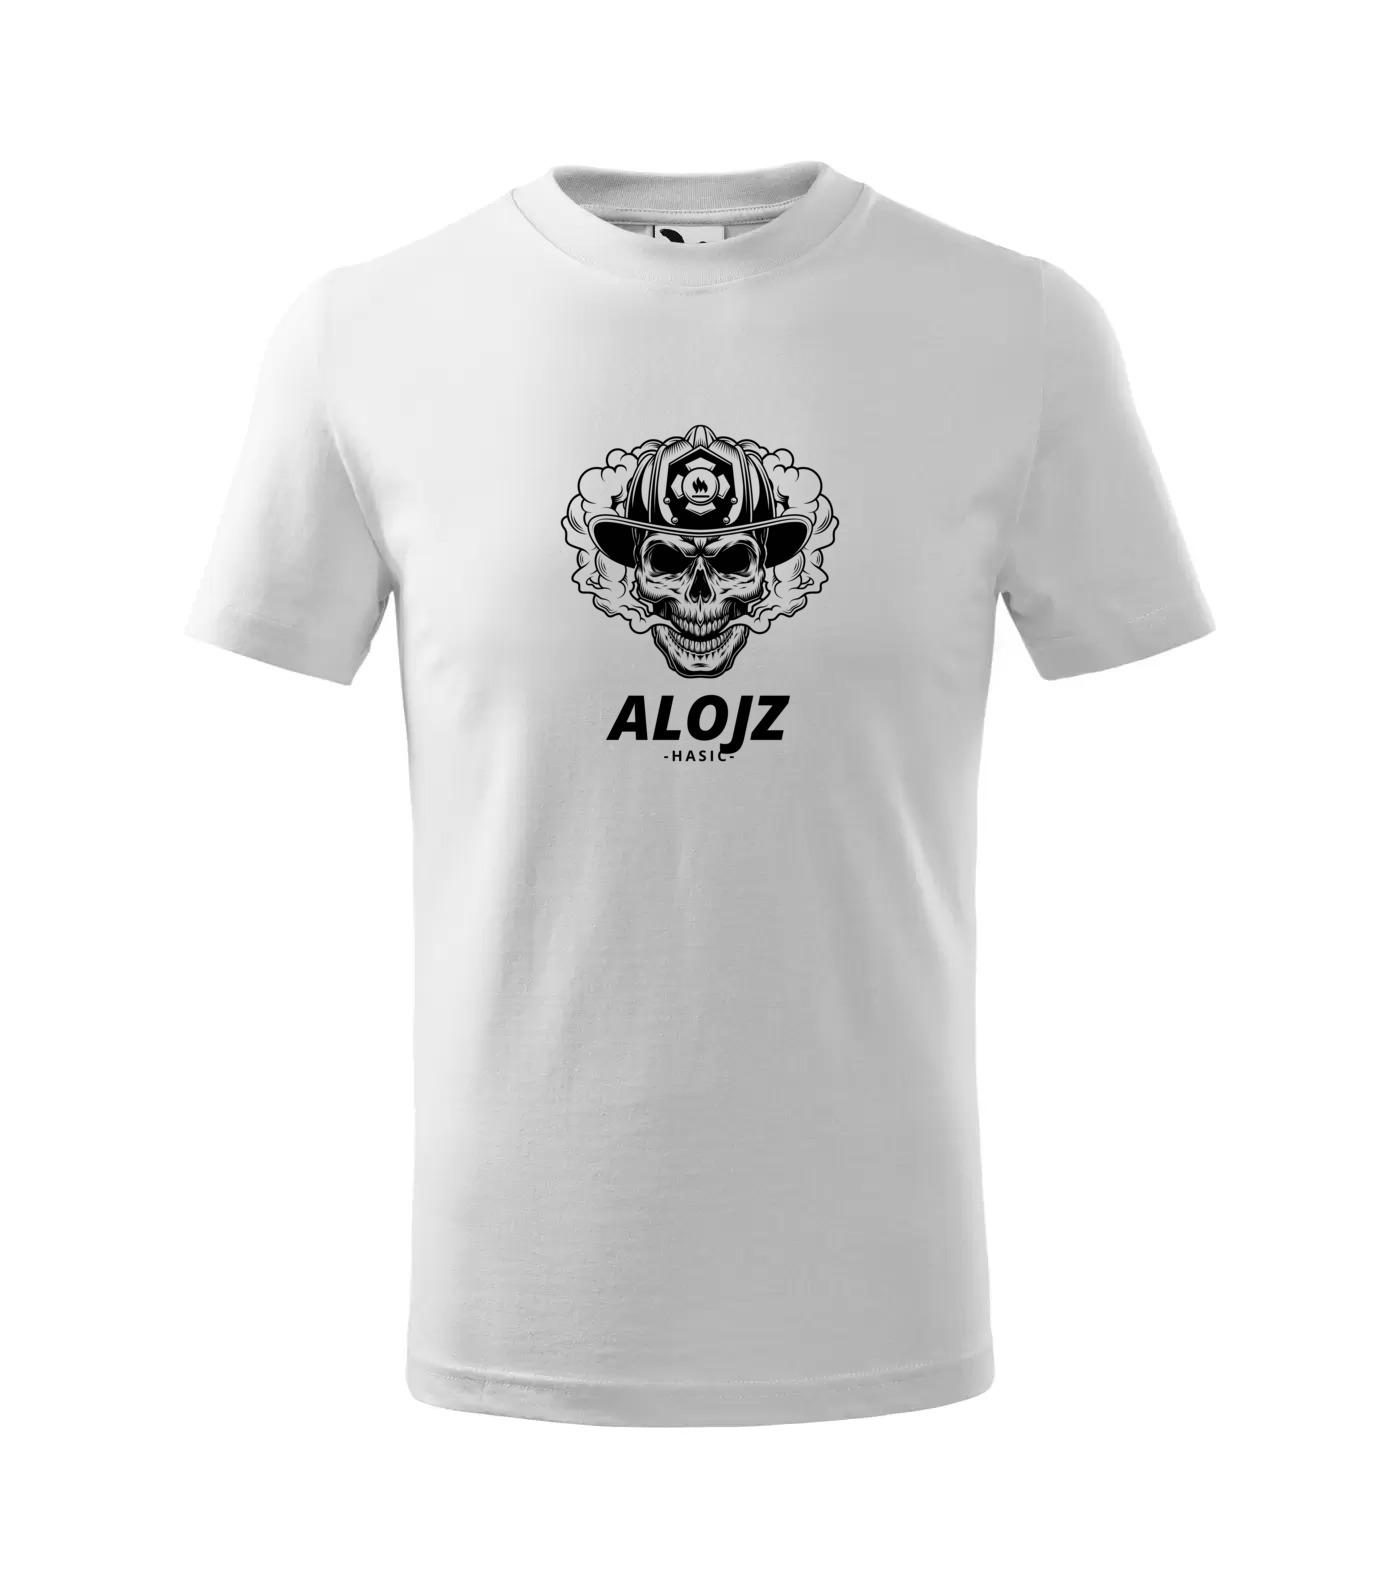 Tričko Hasič Alojz